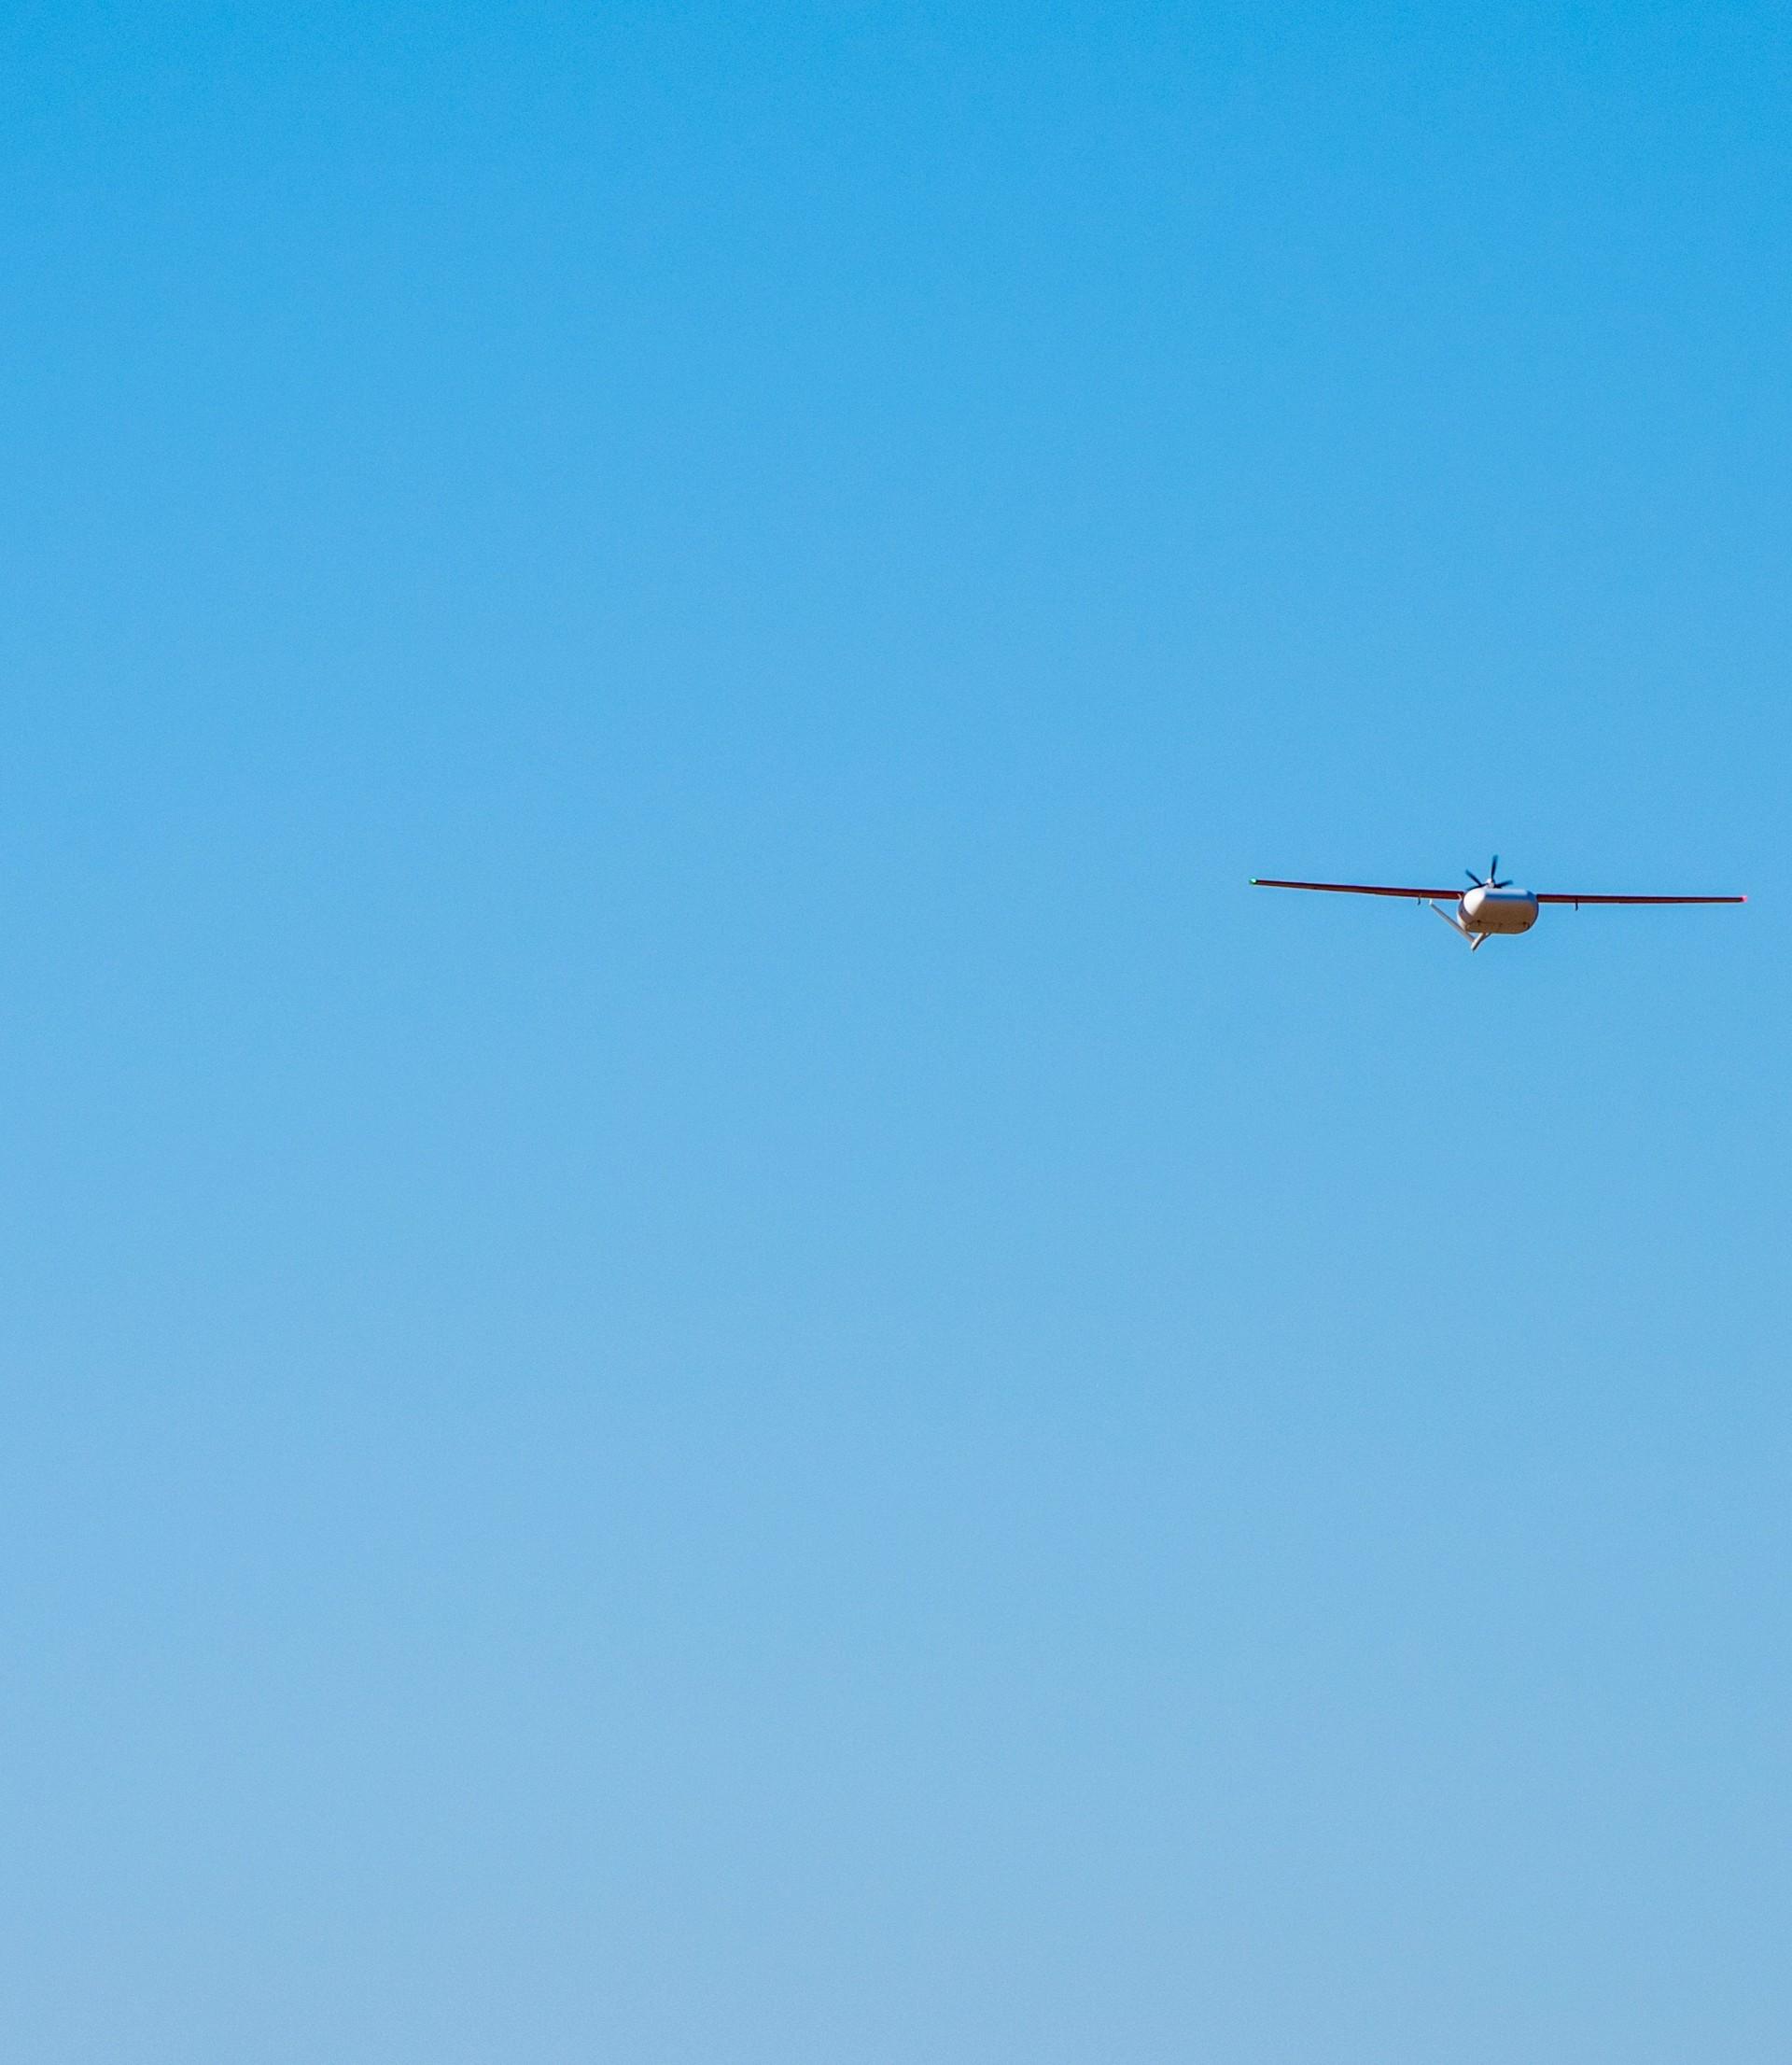 zip_in-flight_mobile